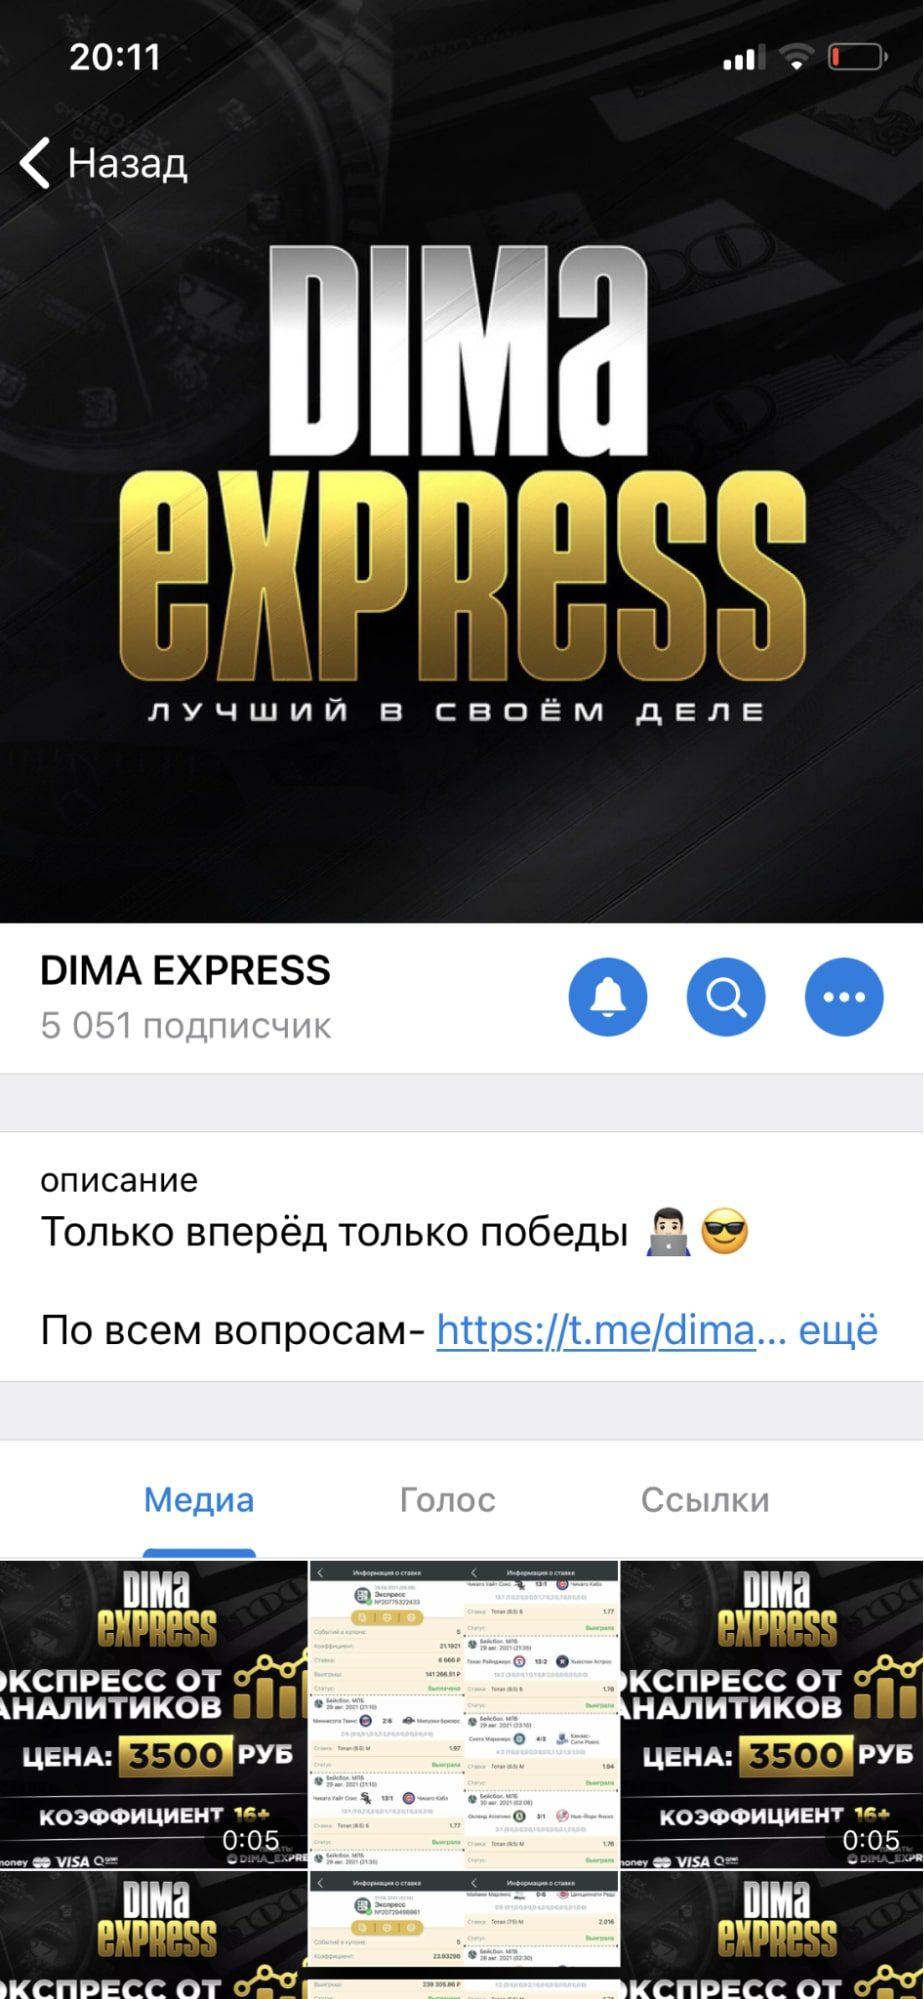 Каппер Дмитрий Абрамов в Телеграмм